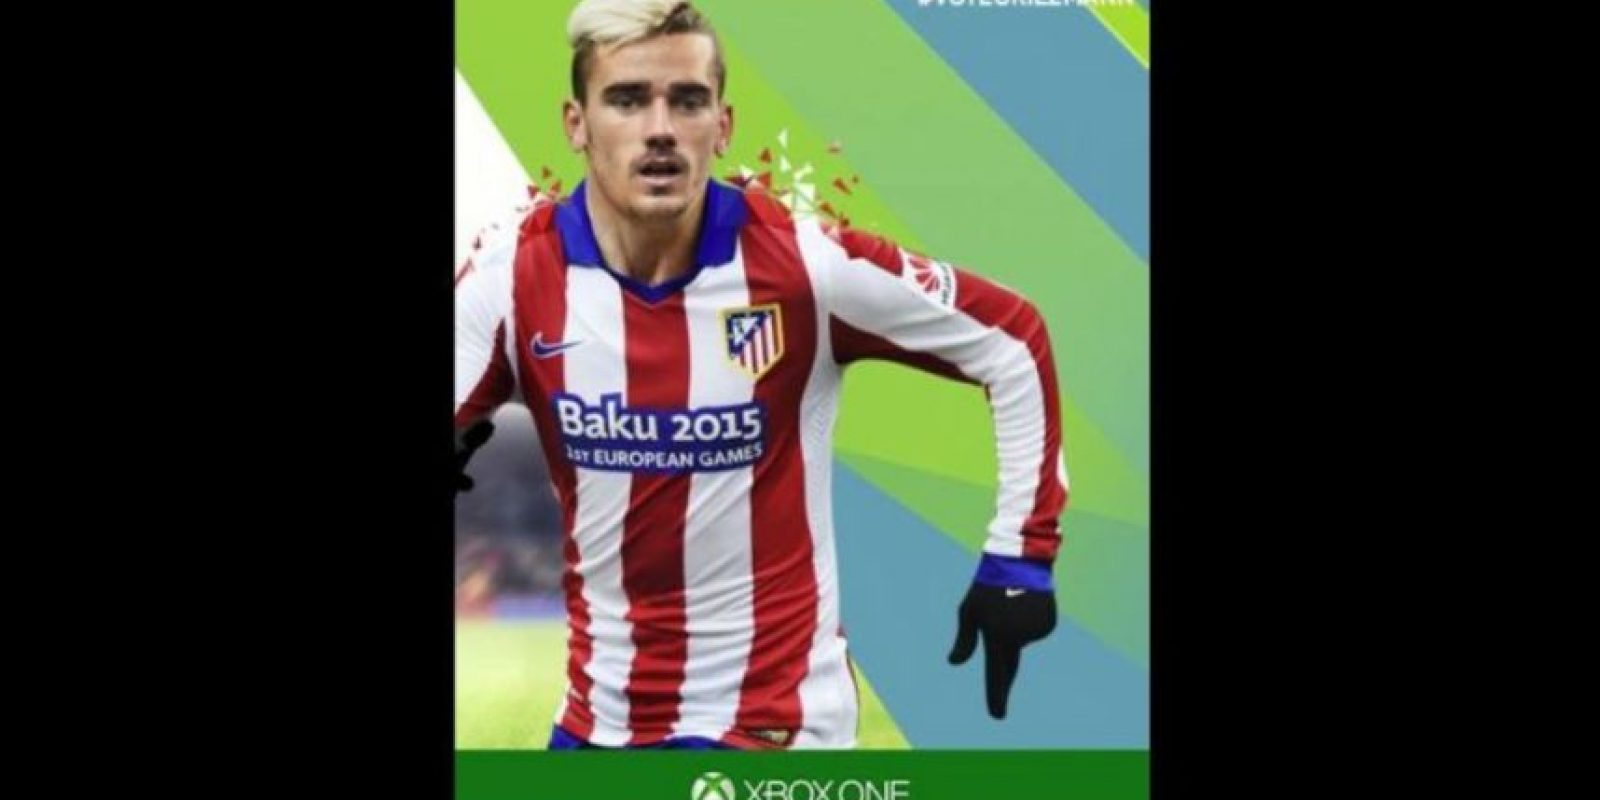 Griezmann es el goleador del club español Atlético de Madrid. Foto:EA Sports